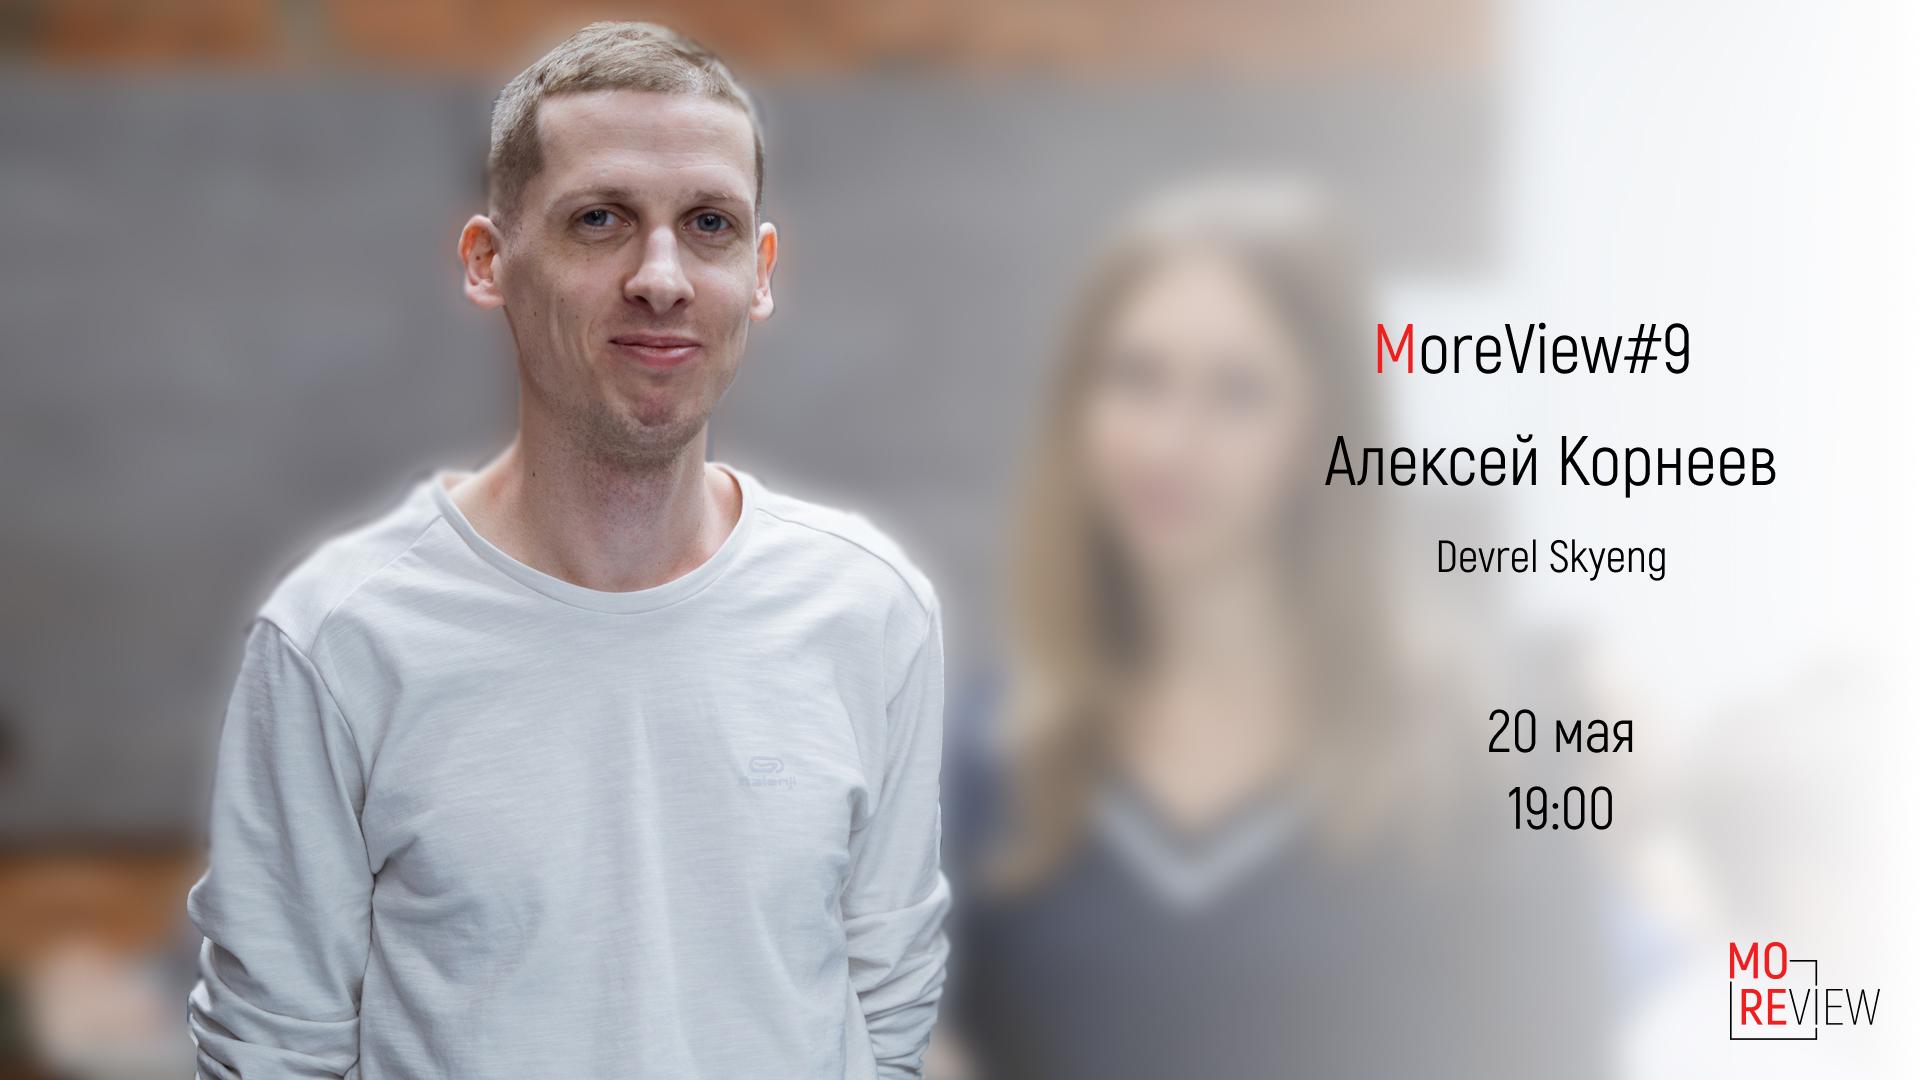 MoreView #9 | Алексей Корнеев – devrel Skyeng